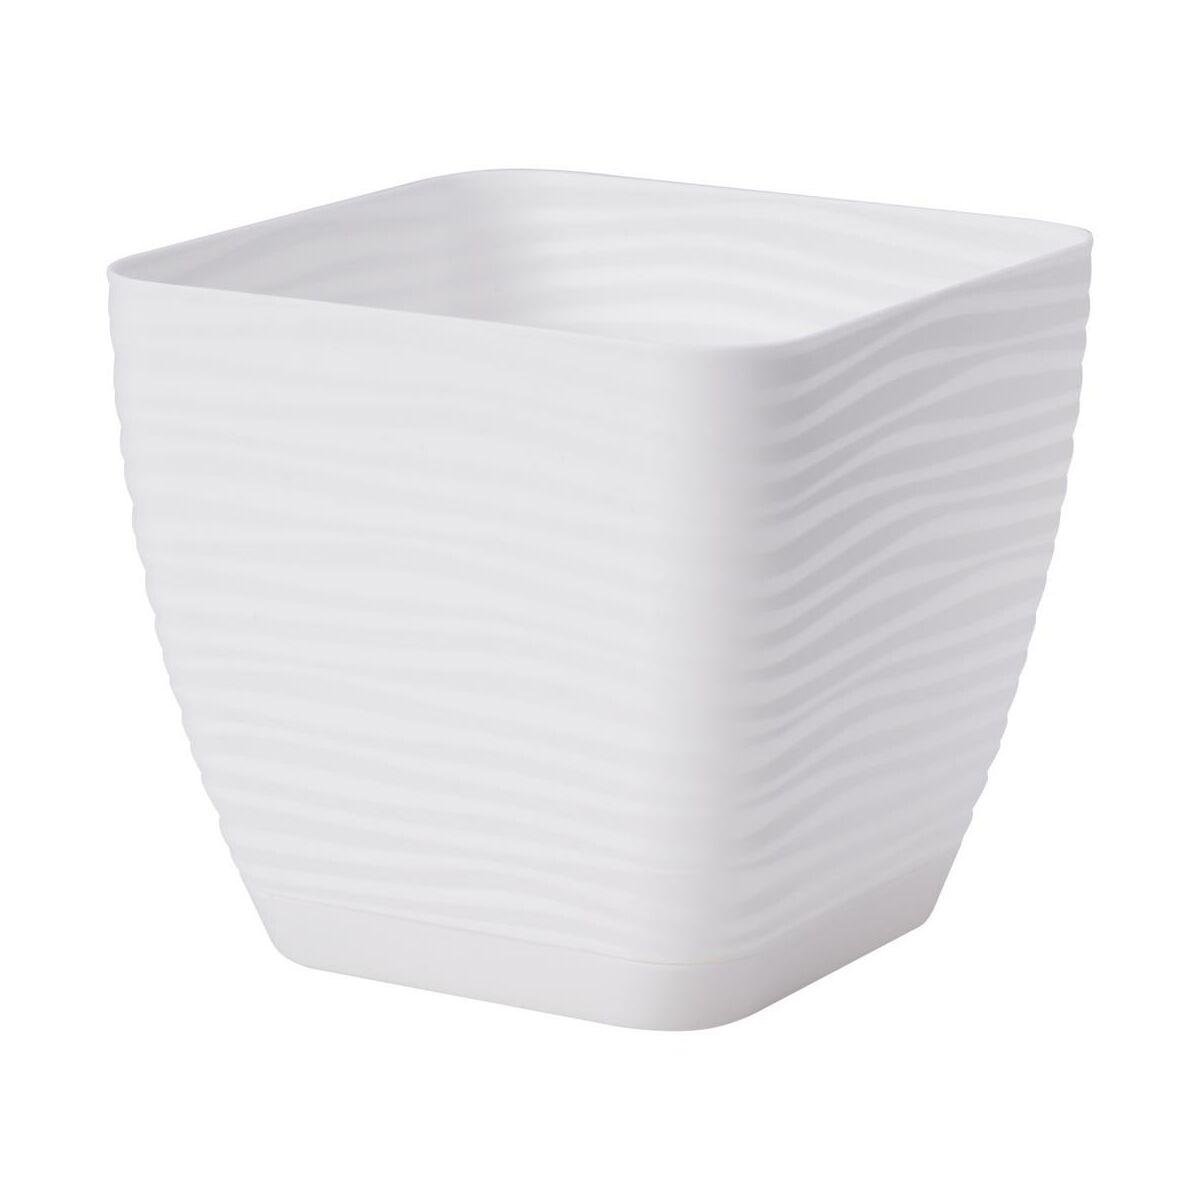 Doniczka plastikowa 16.7 cm biała FALA